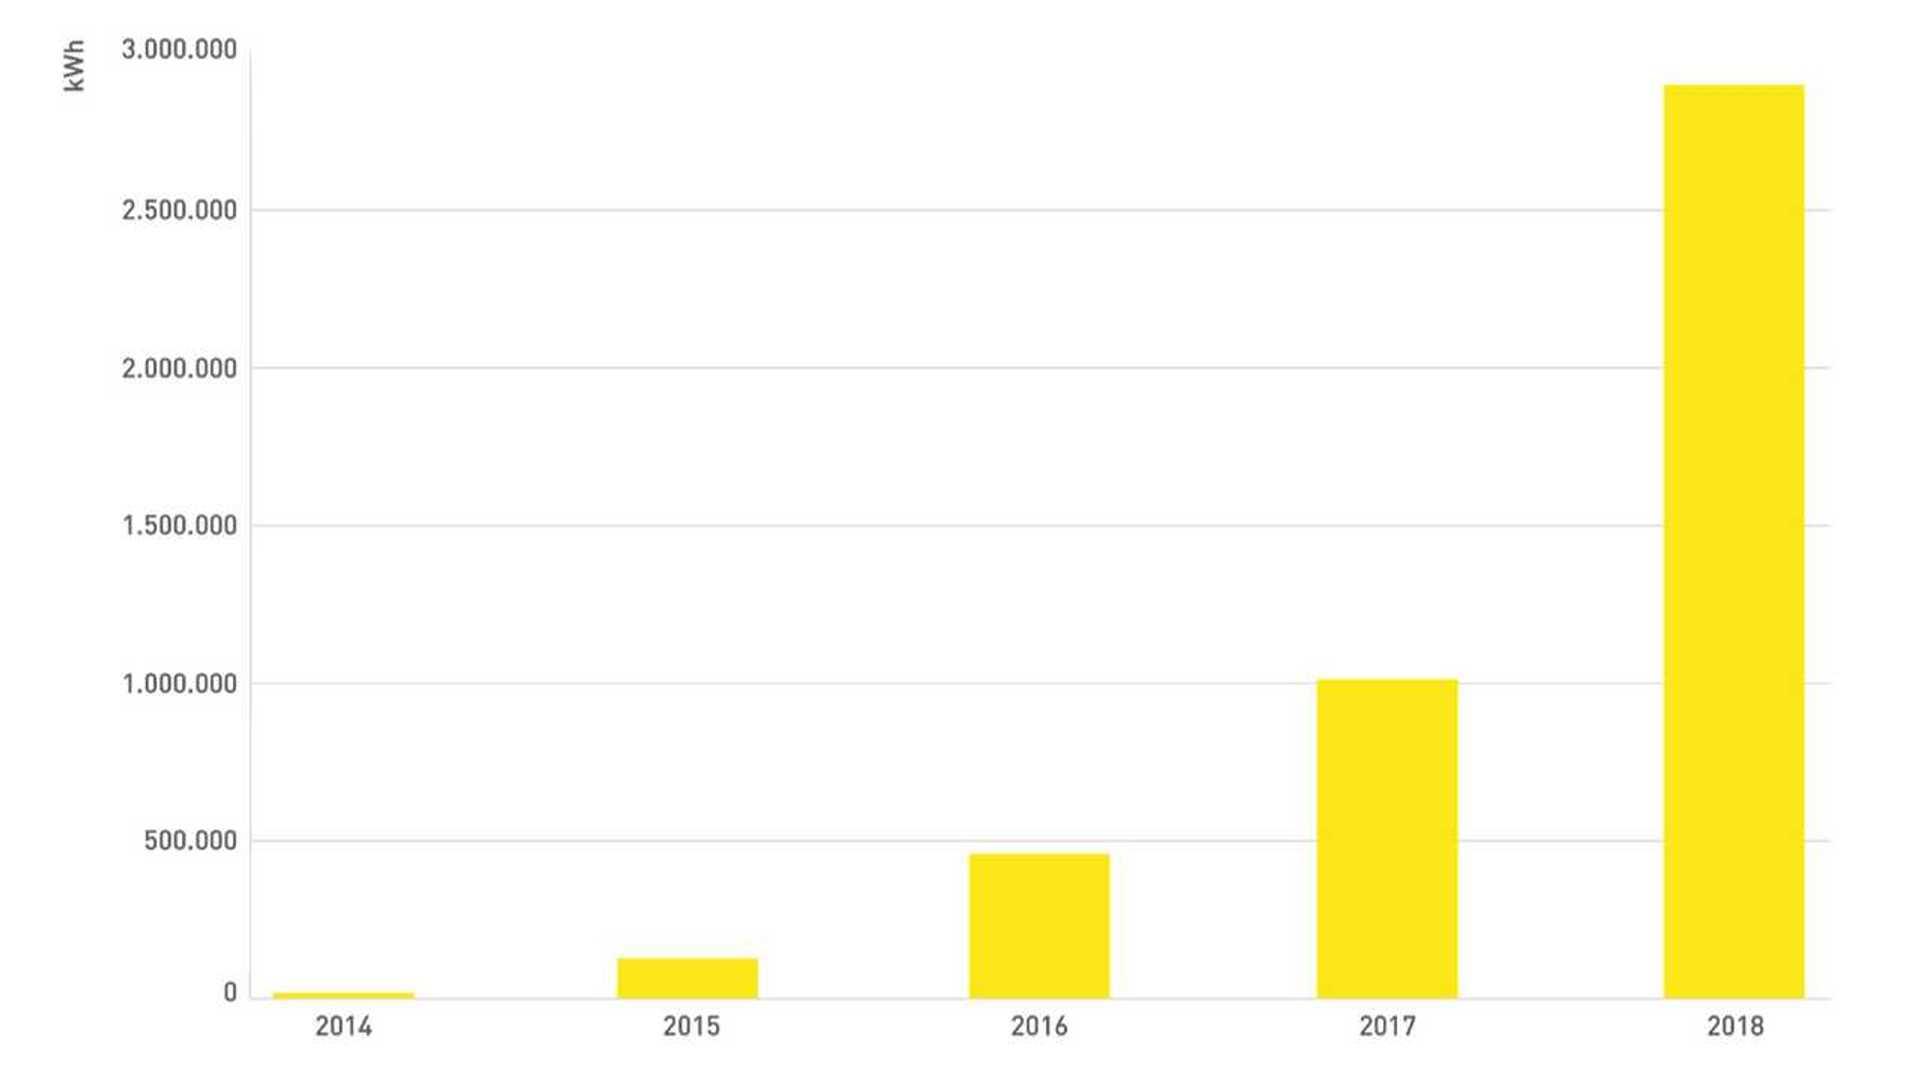 Sabitlenmiş enerji dağıtımı - 2018